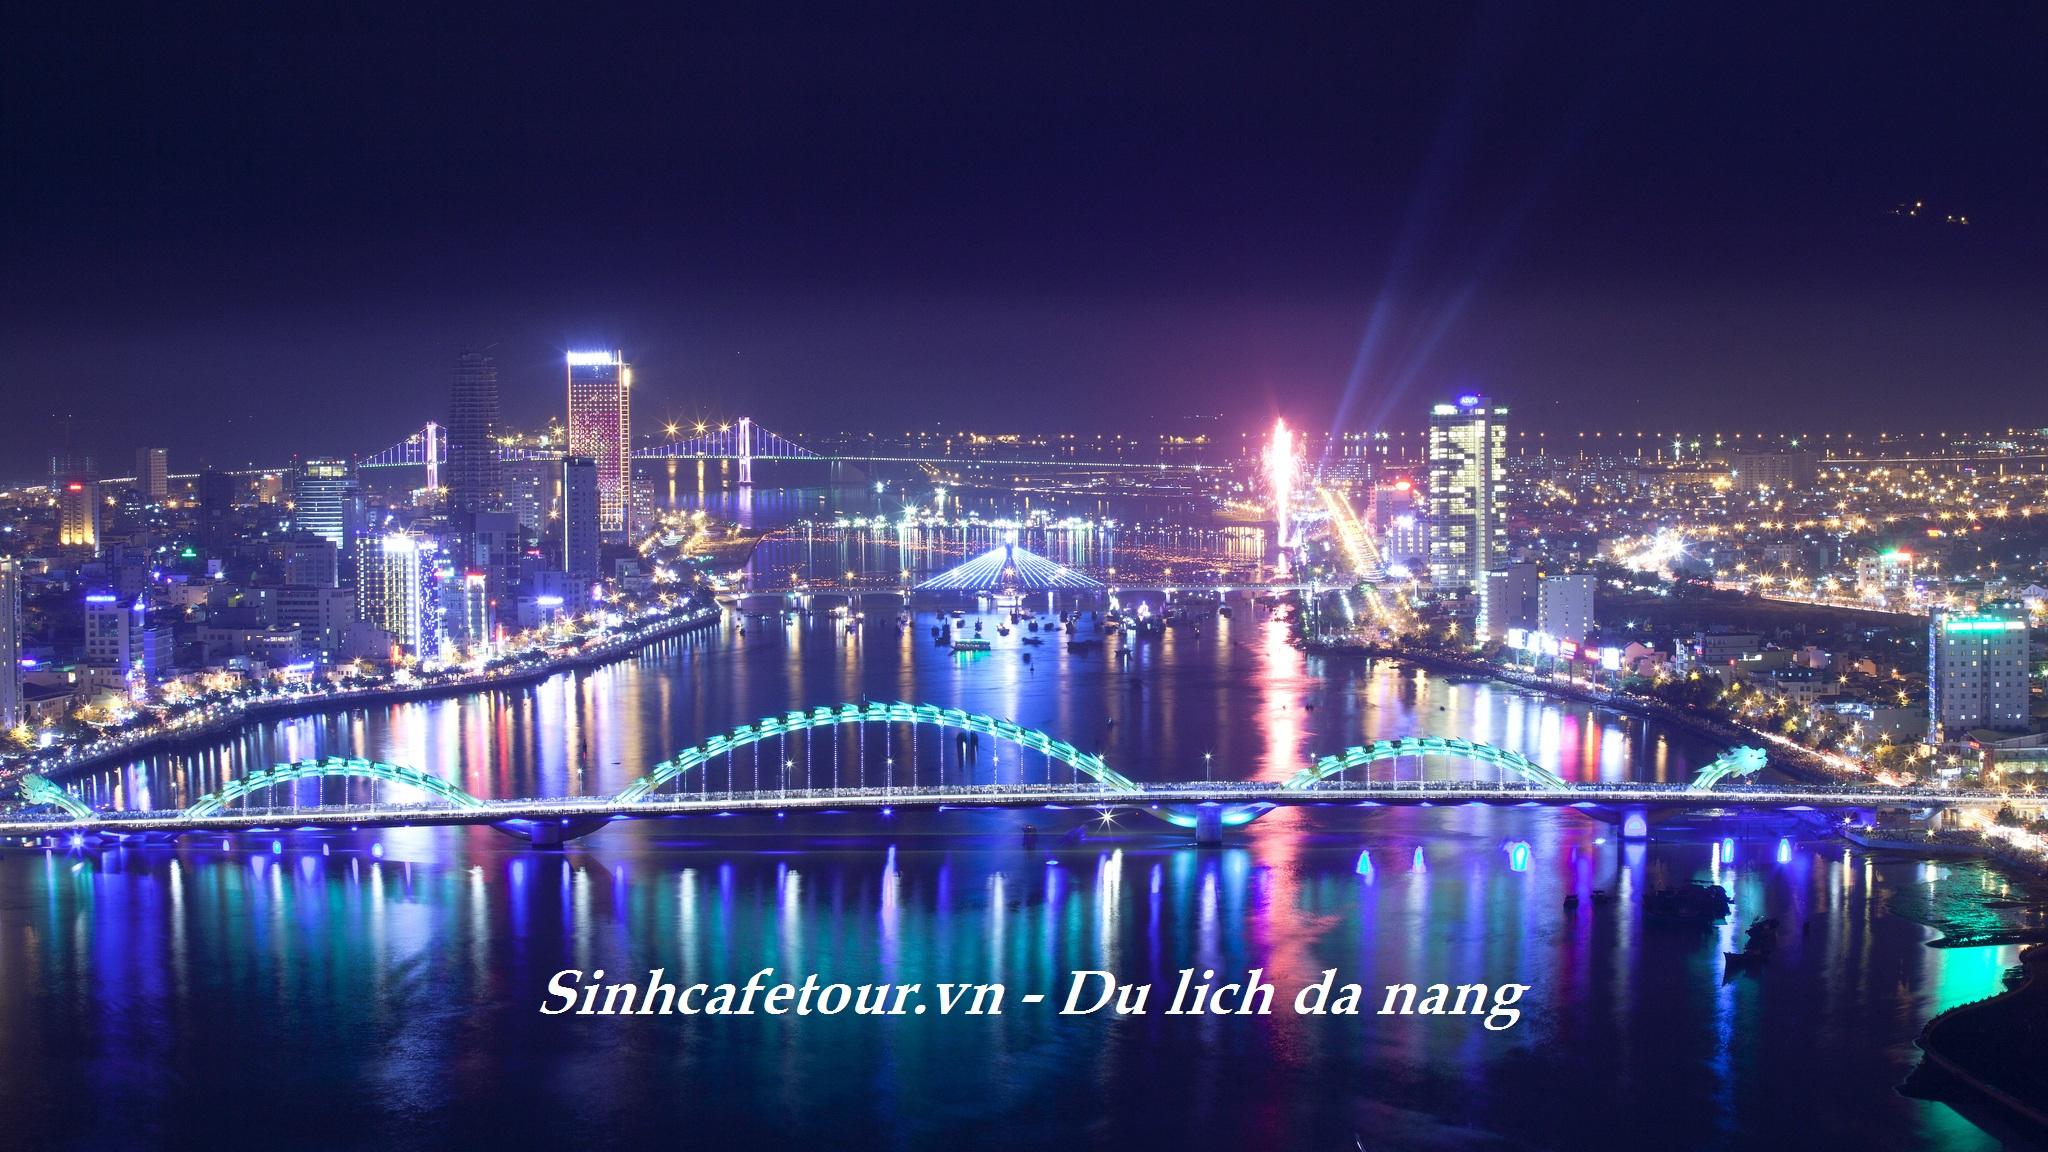 Đà Nẵng-Sinhcafetour.vn